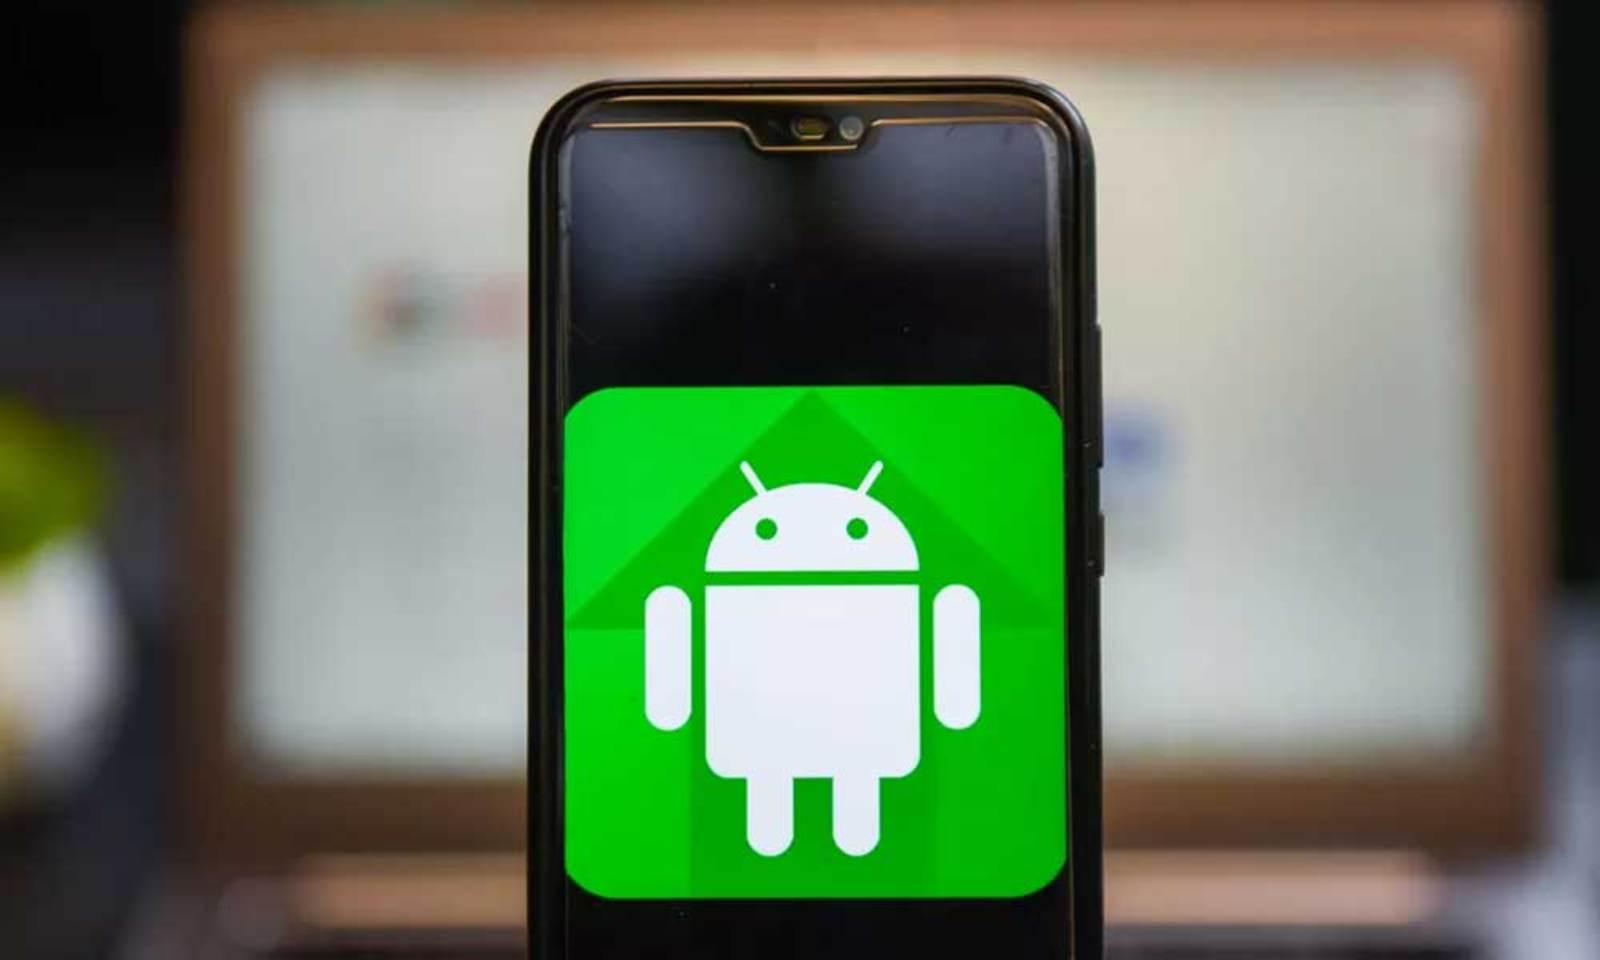 Новое поколение Android malware использует машинное обучение для обхода антивирусного ПО